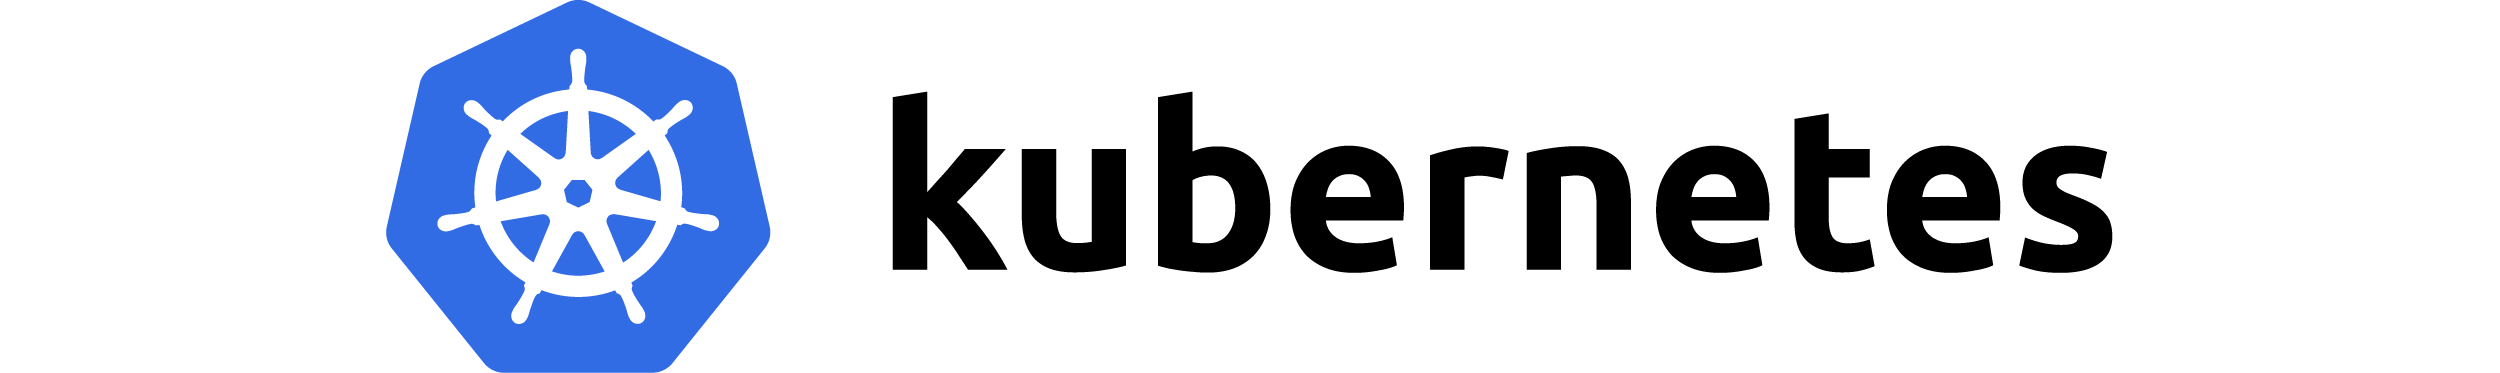 Partner - Kubernetes Logo